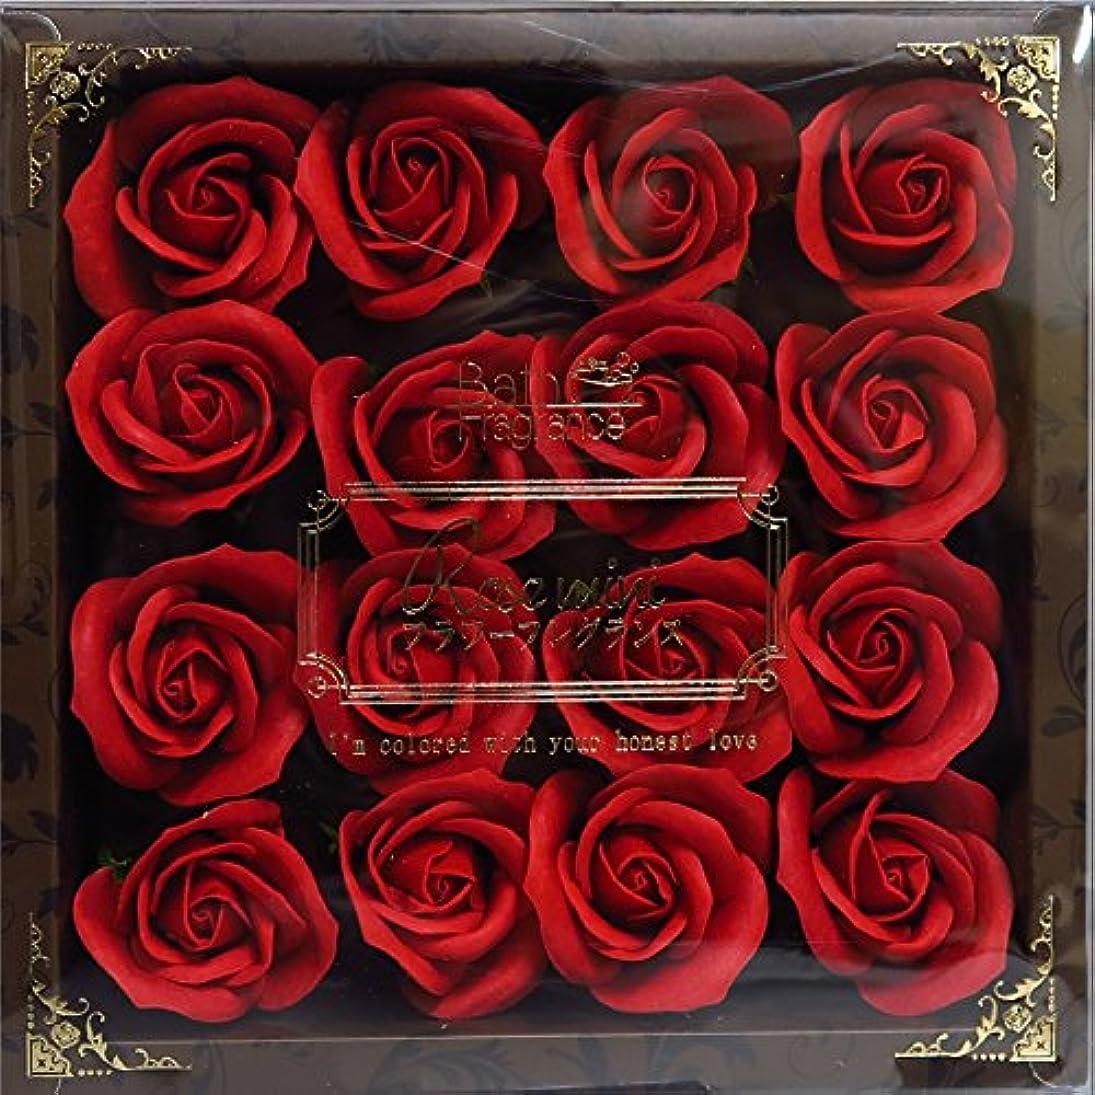 眩惑する雄弁辛いバスフレグランス バスフラワー ミニローズフレグランス(M)レッド ギフト お花の形の入浴剤 プレゼント ばら